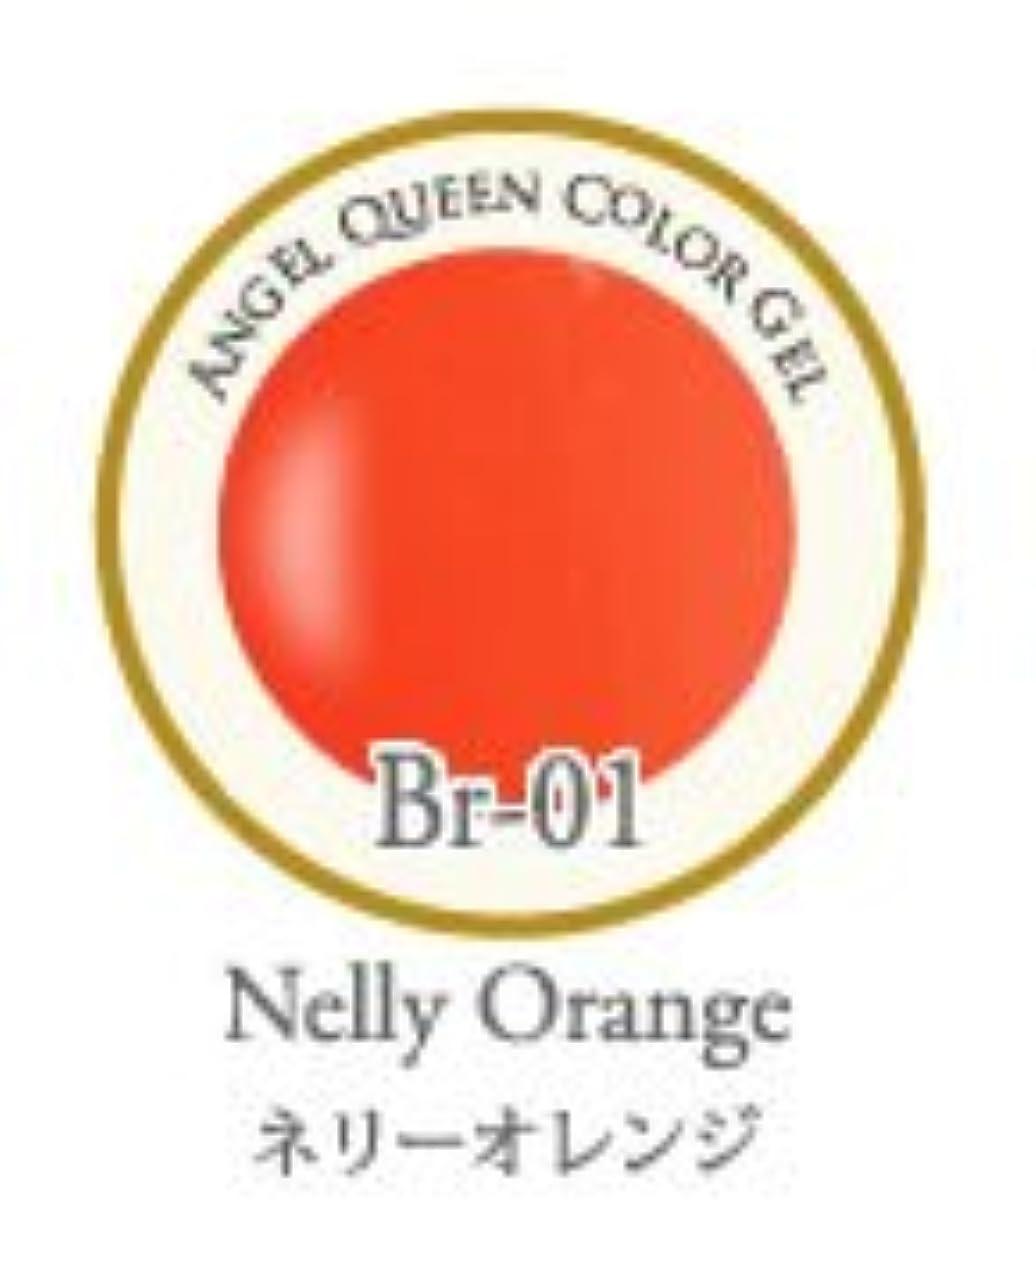 仲間、同僚モデレータ覚醒エンジェル クィーンカラージェル Brilliant 3g ネリーオレンジ